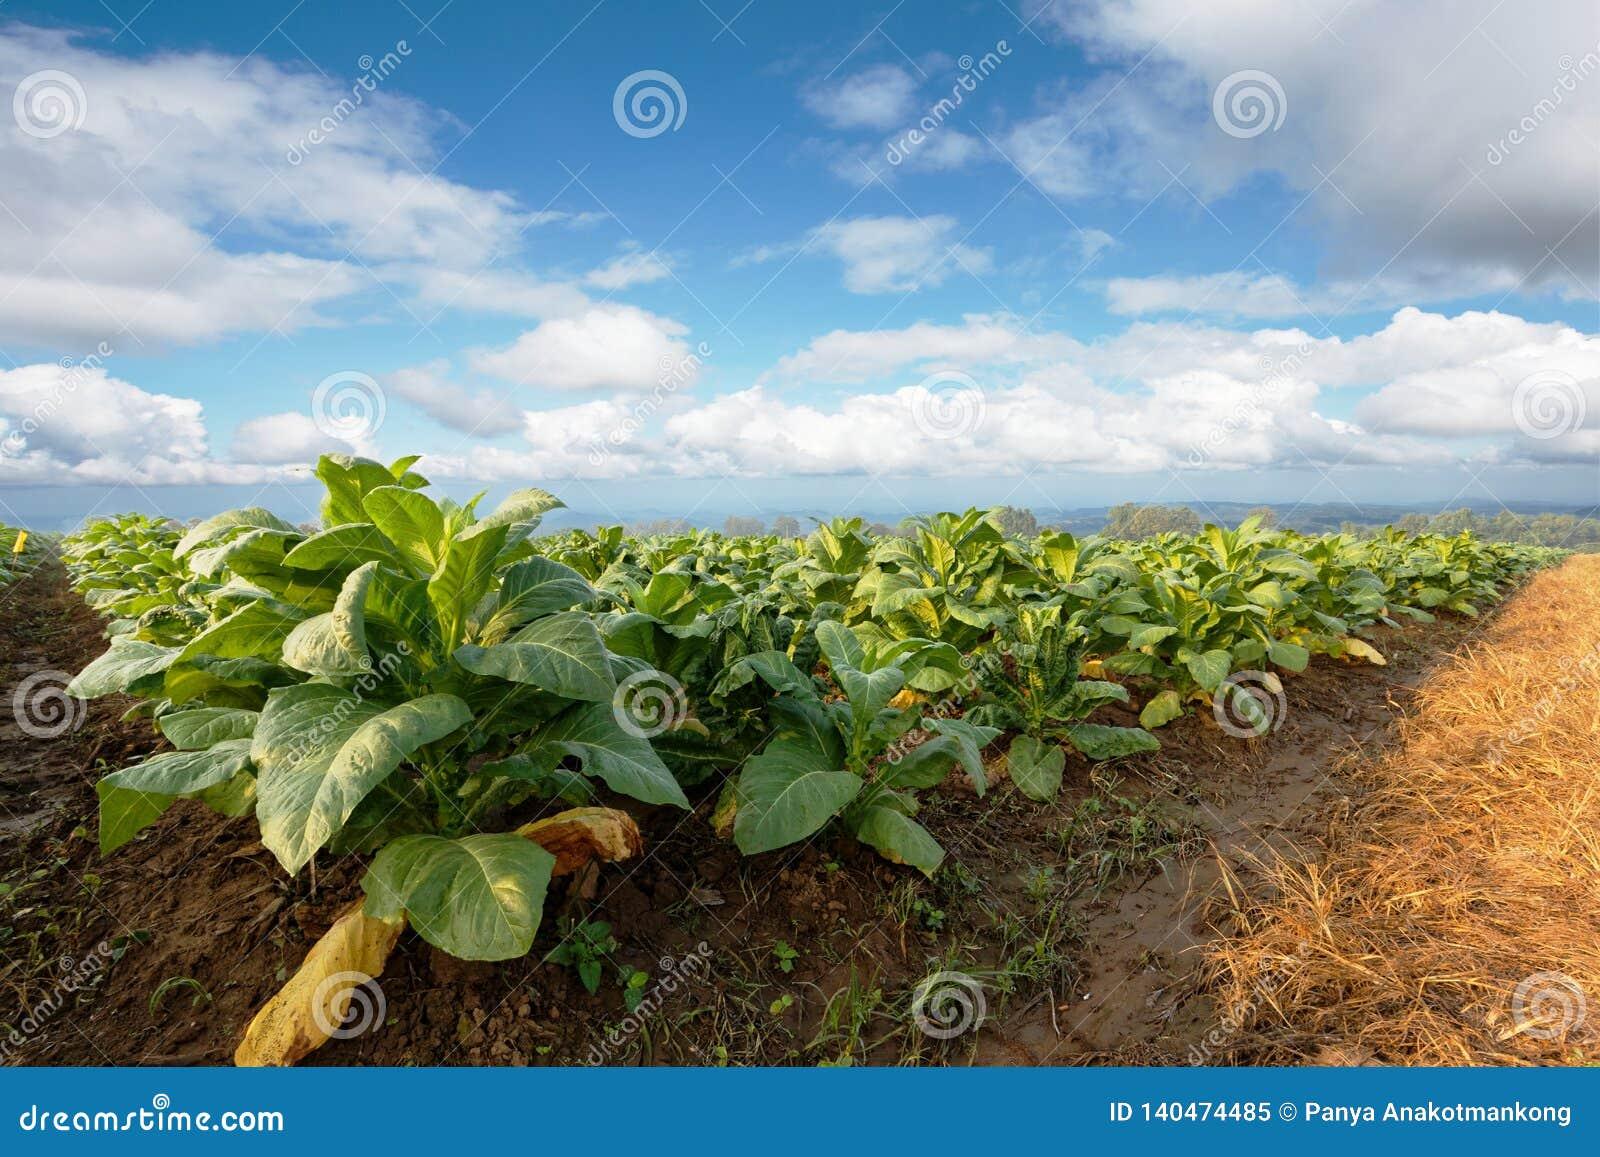 烟草种植园在农田里和生长做的雪茄和香烟的